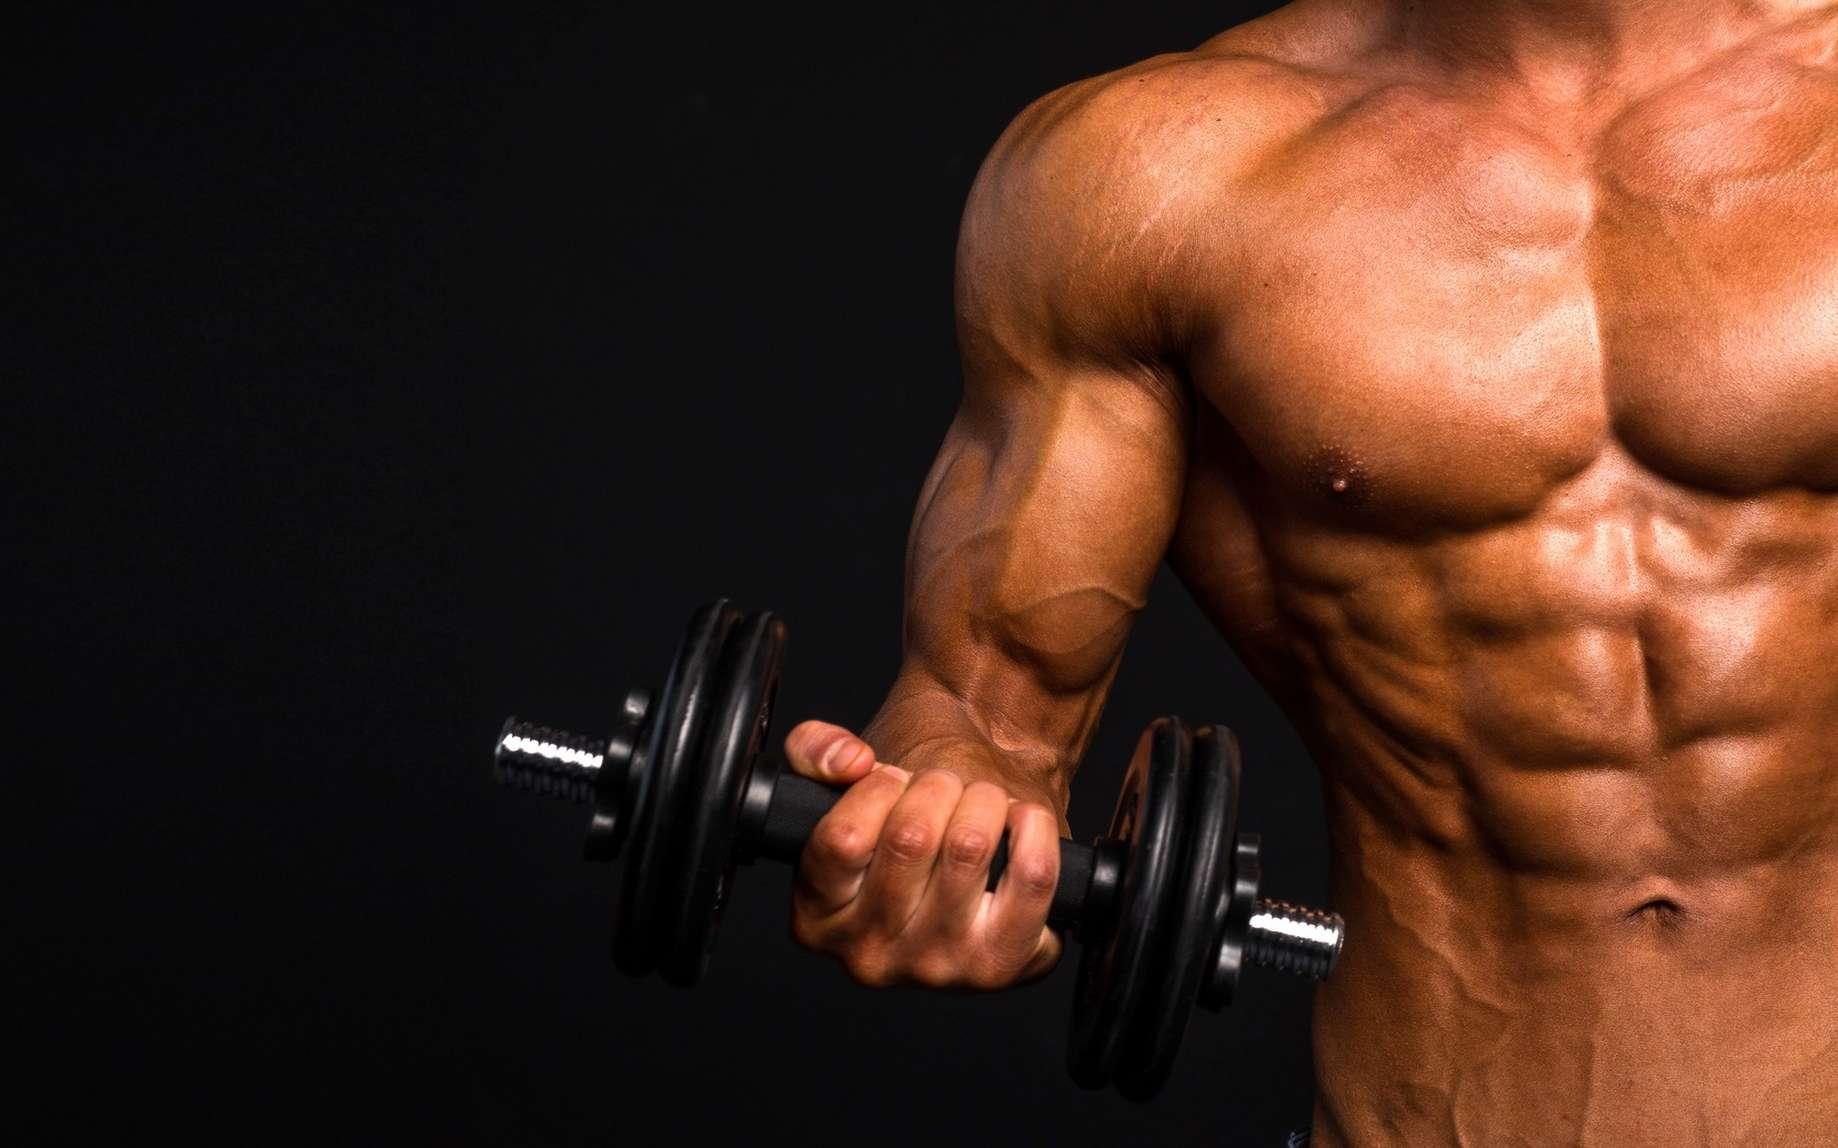 Les xéno-androgènes sont utilisés dans le monde du sport. © Stavros, Fotolia